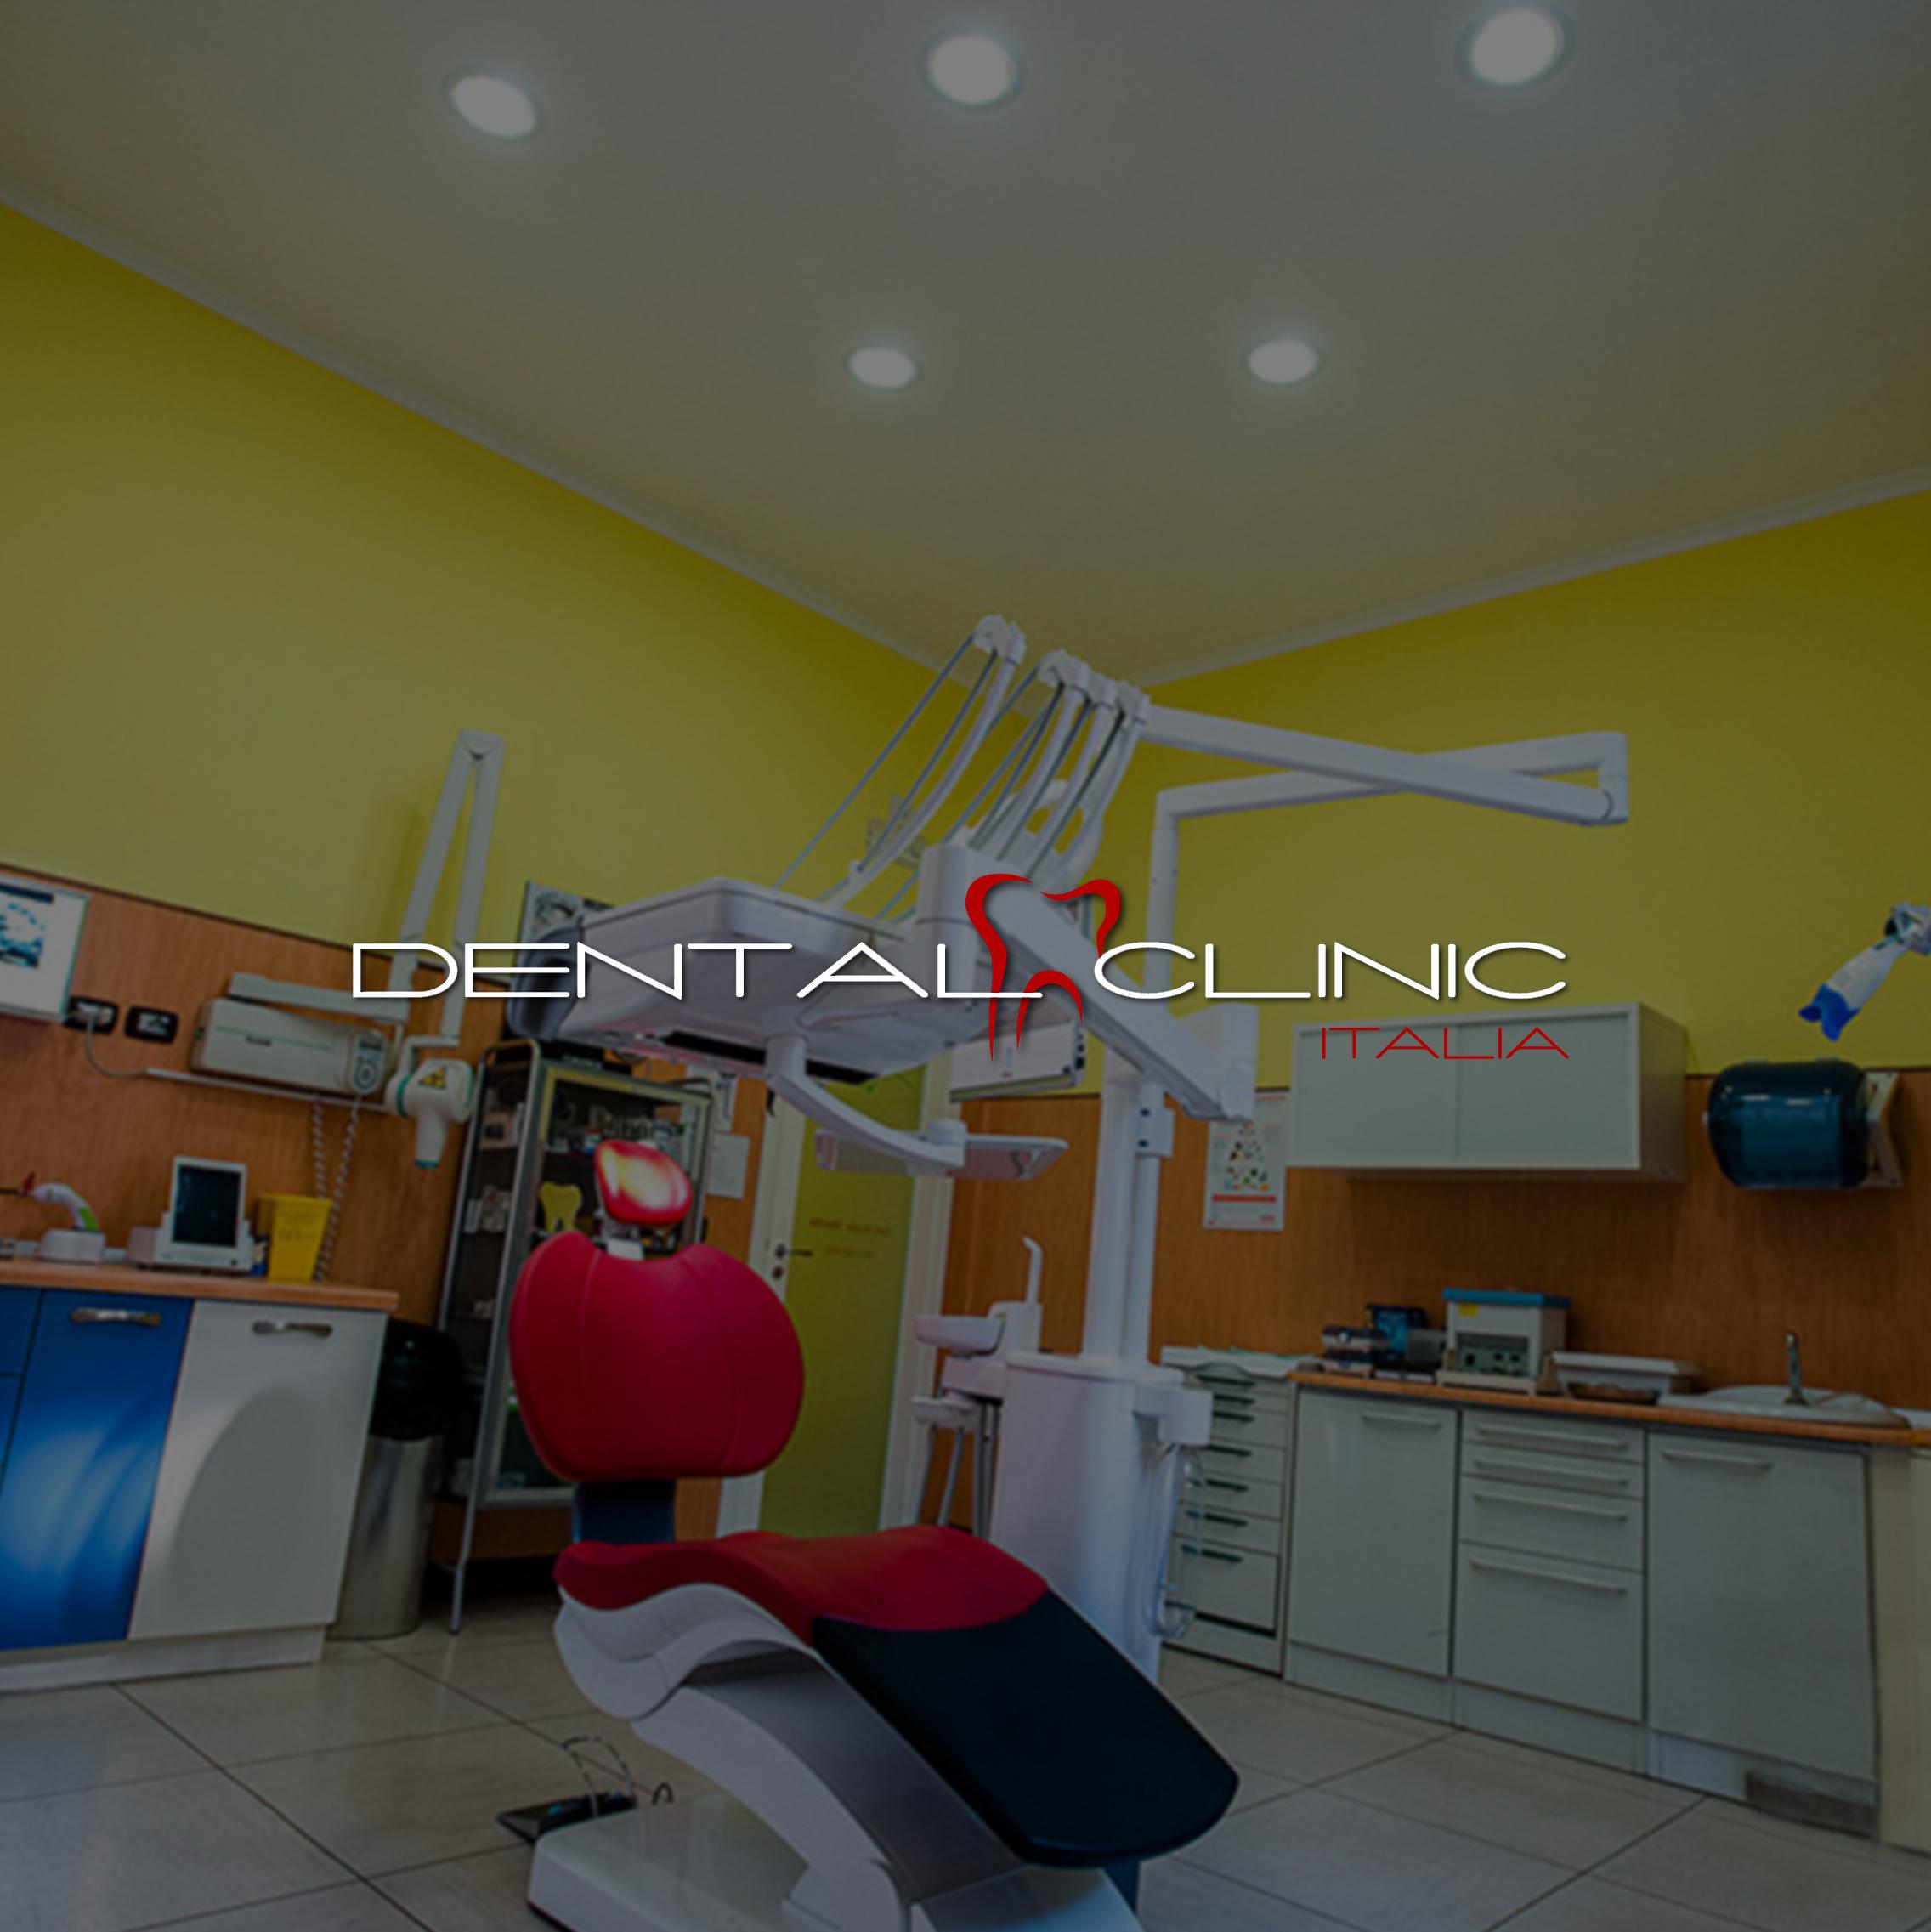 Viaggio_Dental Clinic Italia